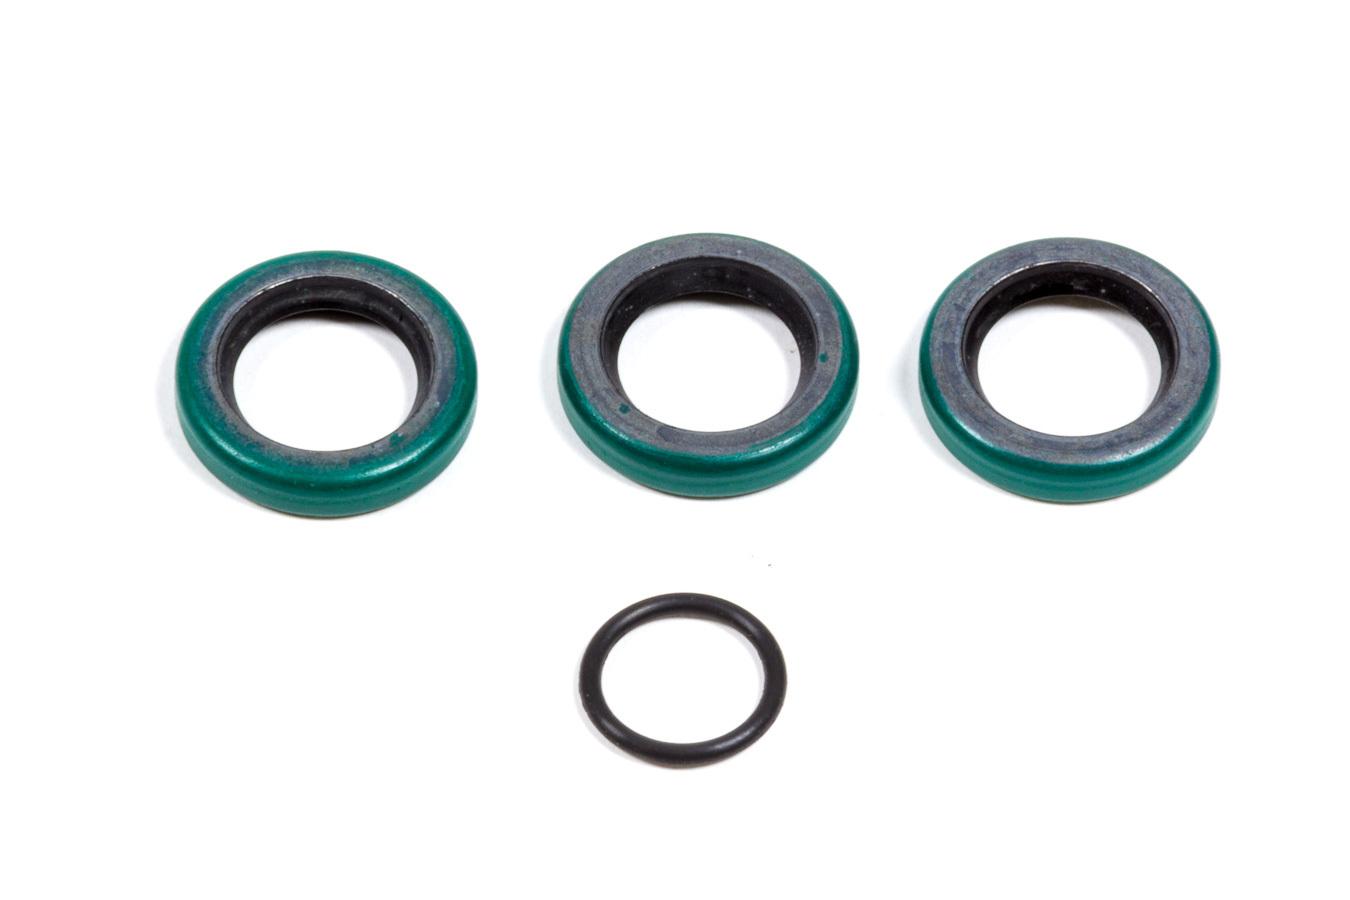 Richmond Shifter Arm Seal Kit (4pk)